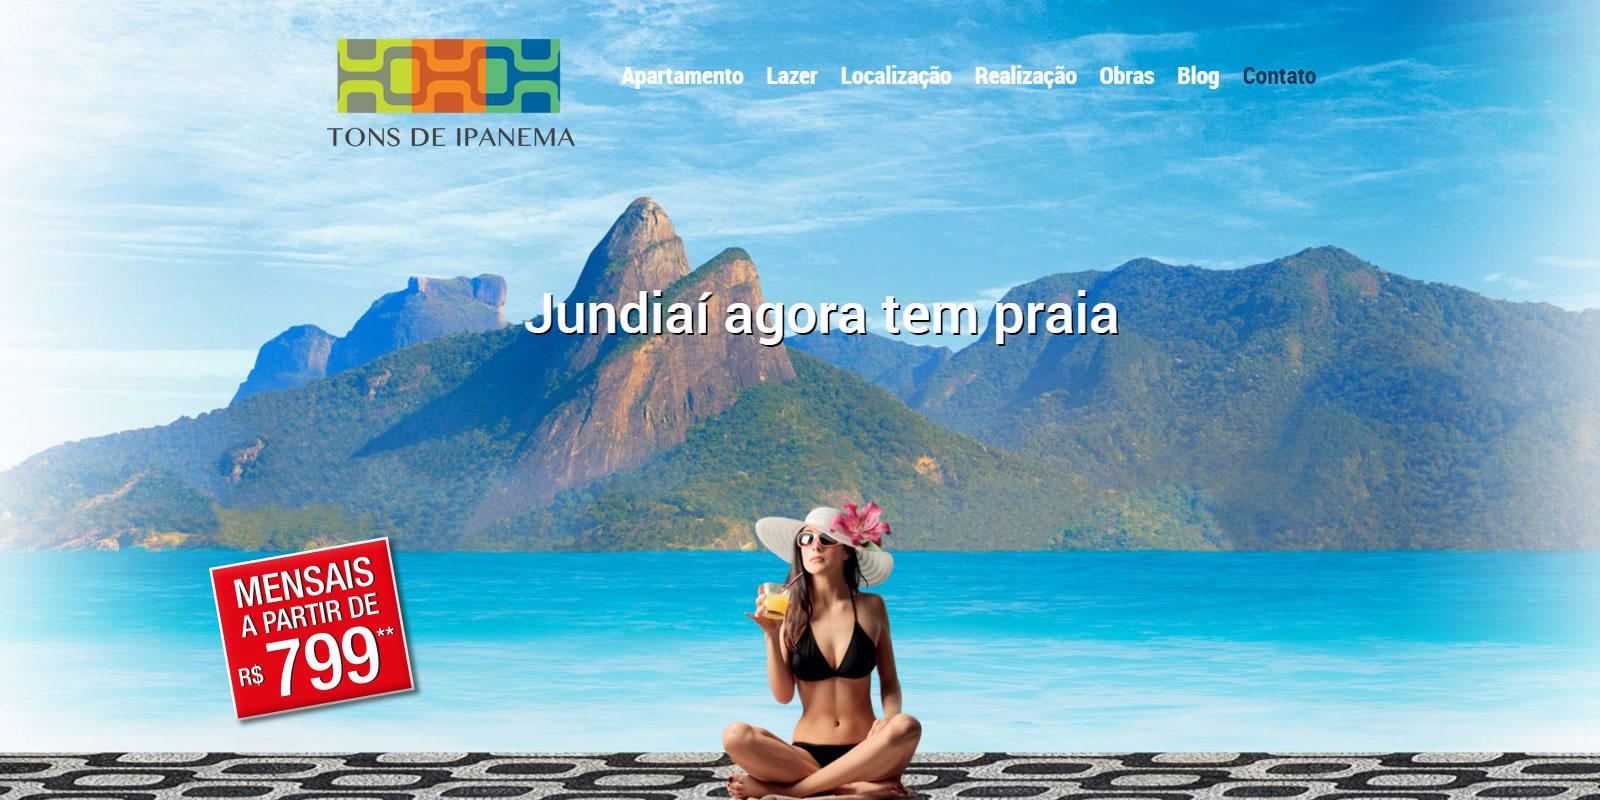 Tons de Ipanema - Apartamentos em Jundiaí Prontos p/ Morar